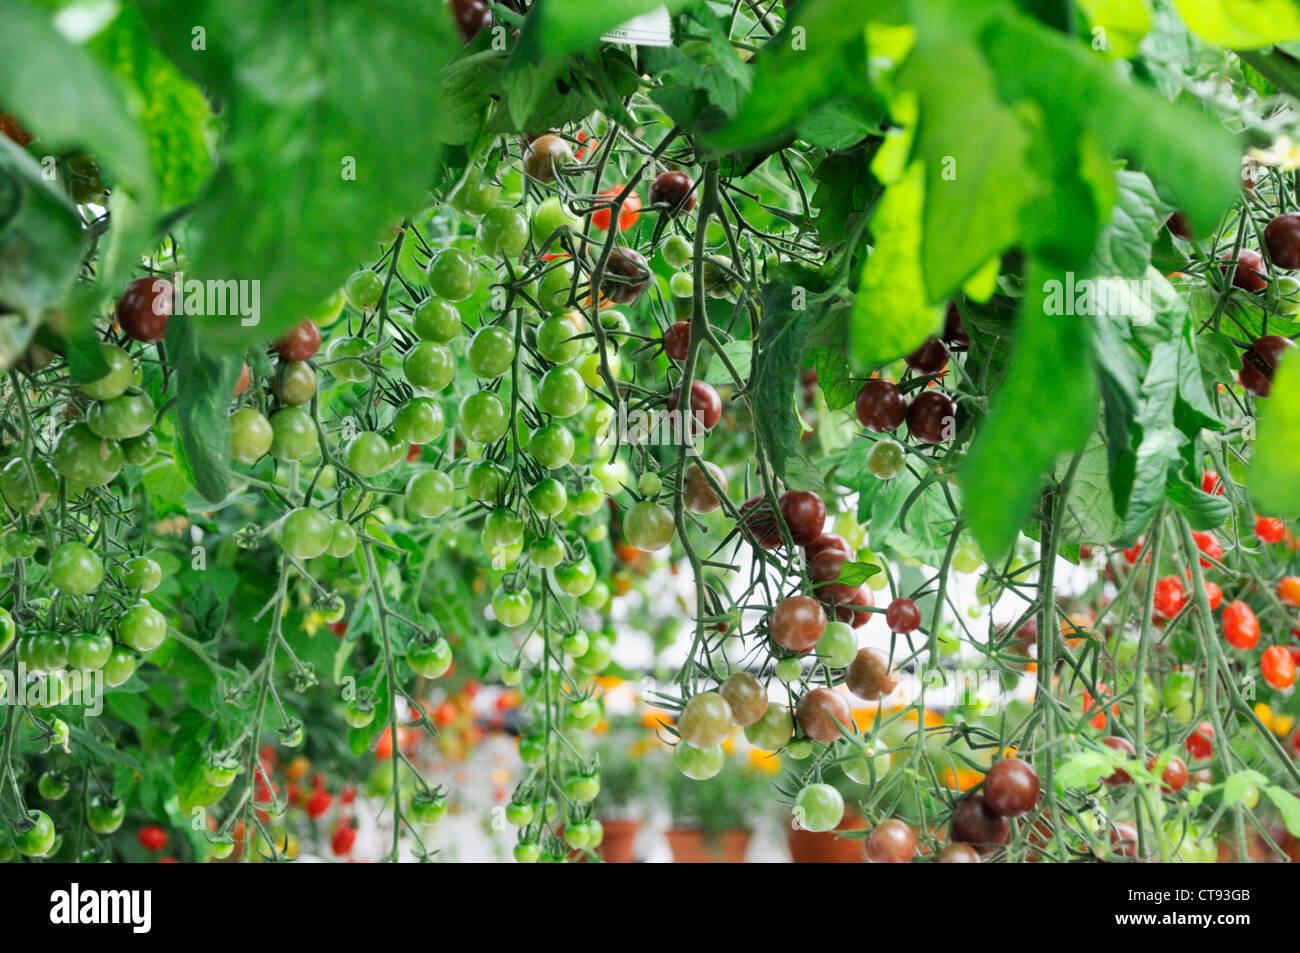 Tomate, Lycopersicon esculentum Photo Stock